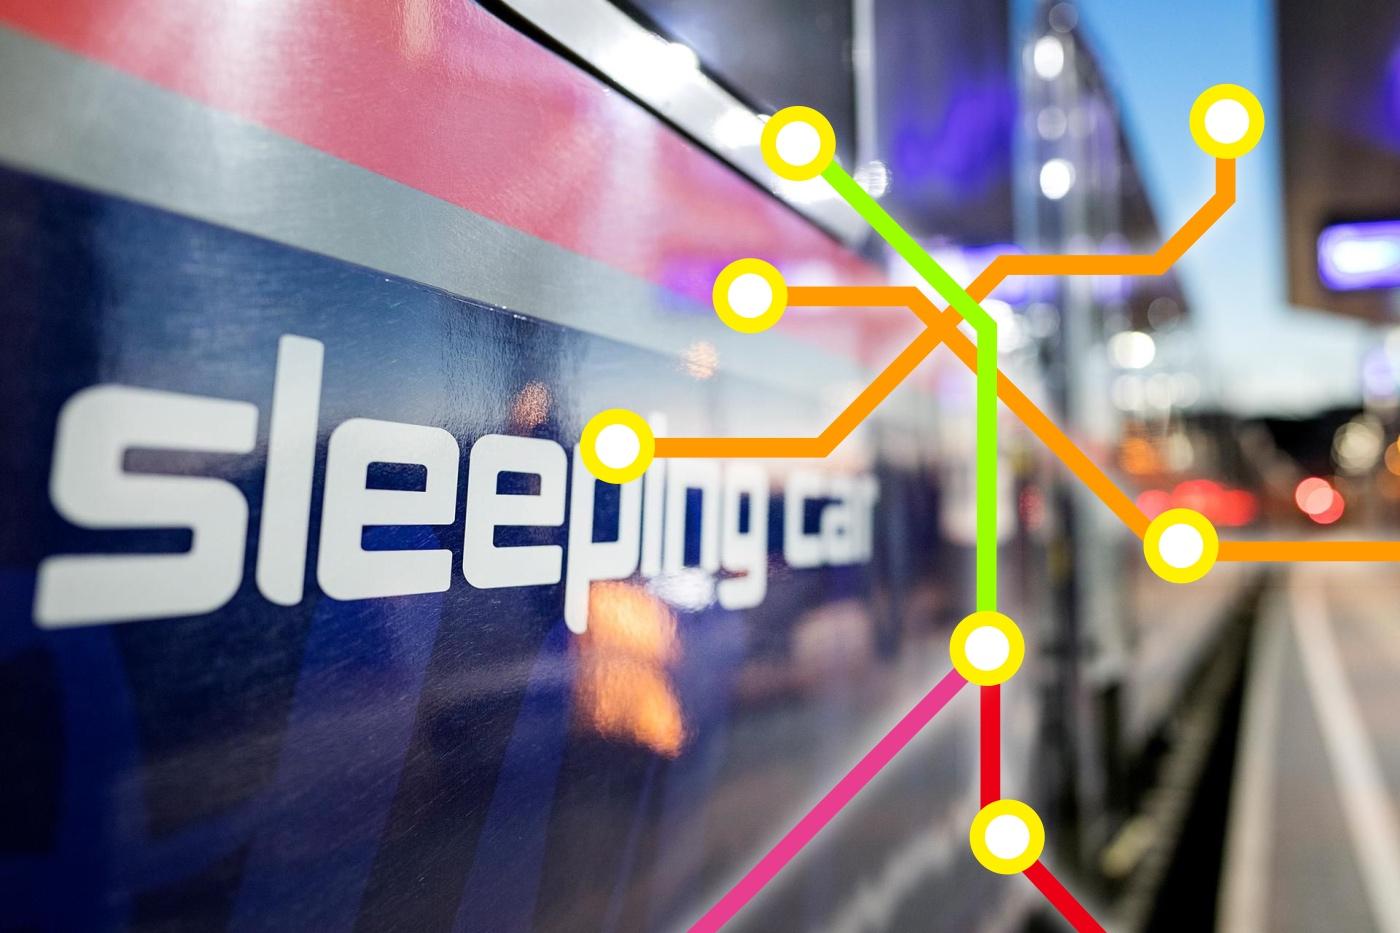 Deutschland, Österreich, Frankreich und die Schweiz kündigen neue Nachtzüge an